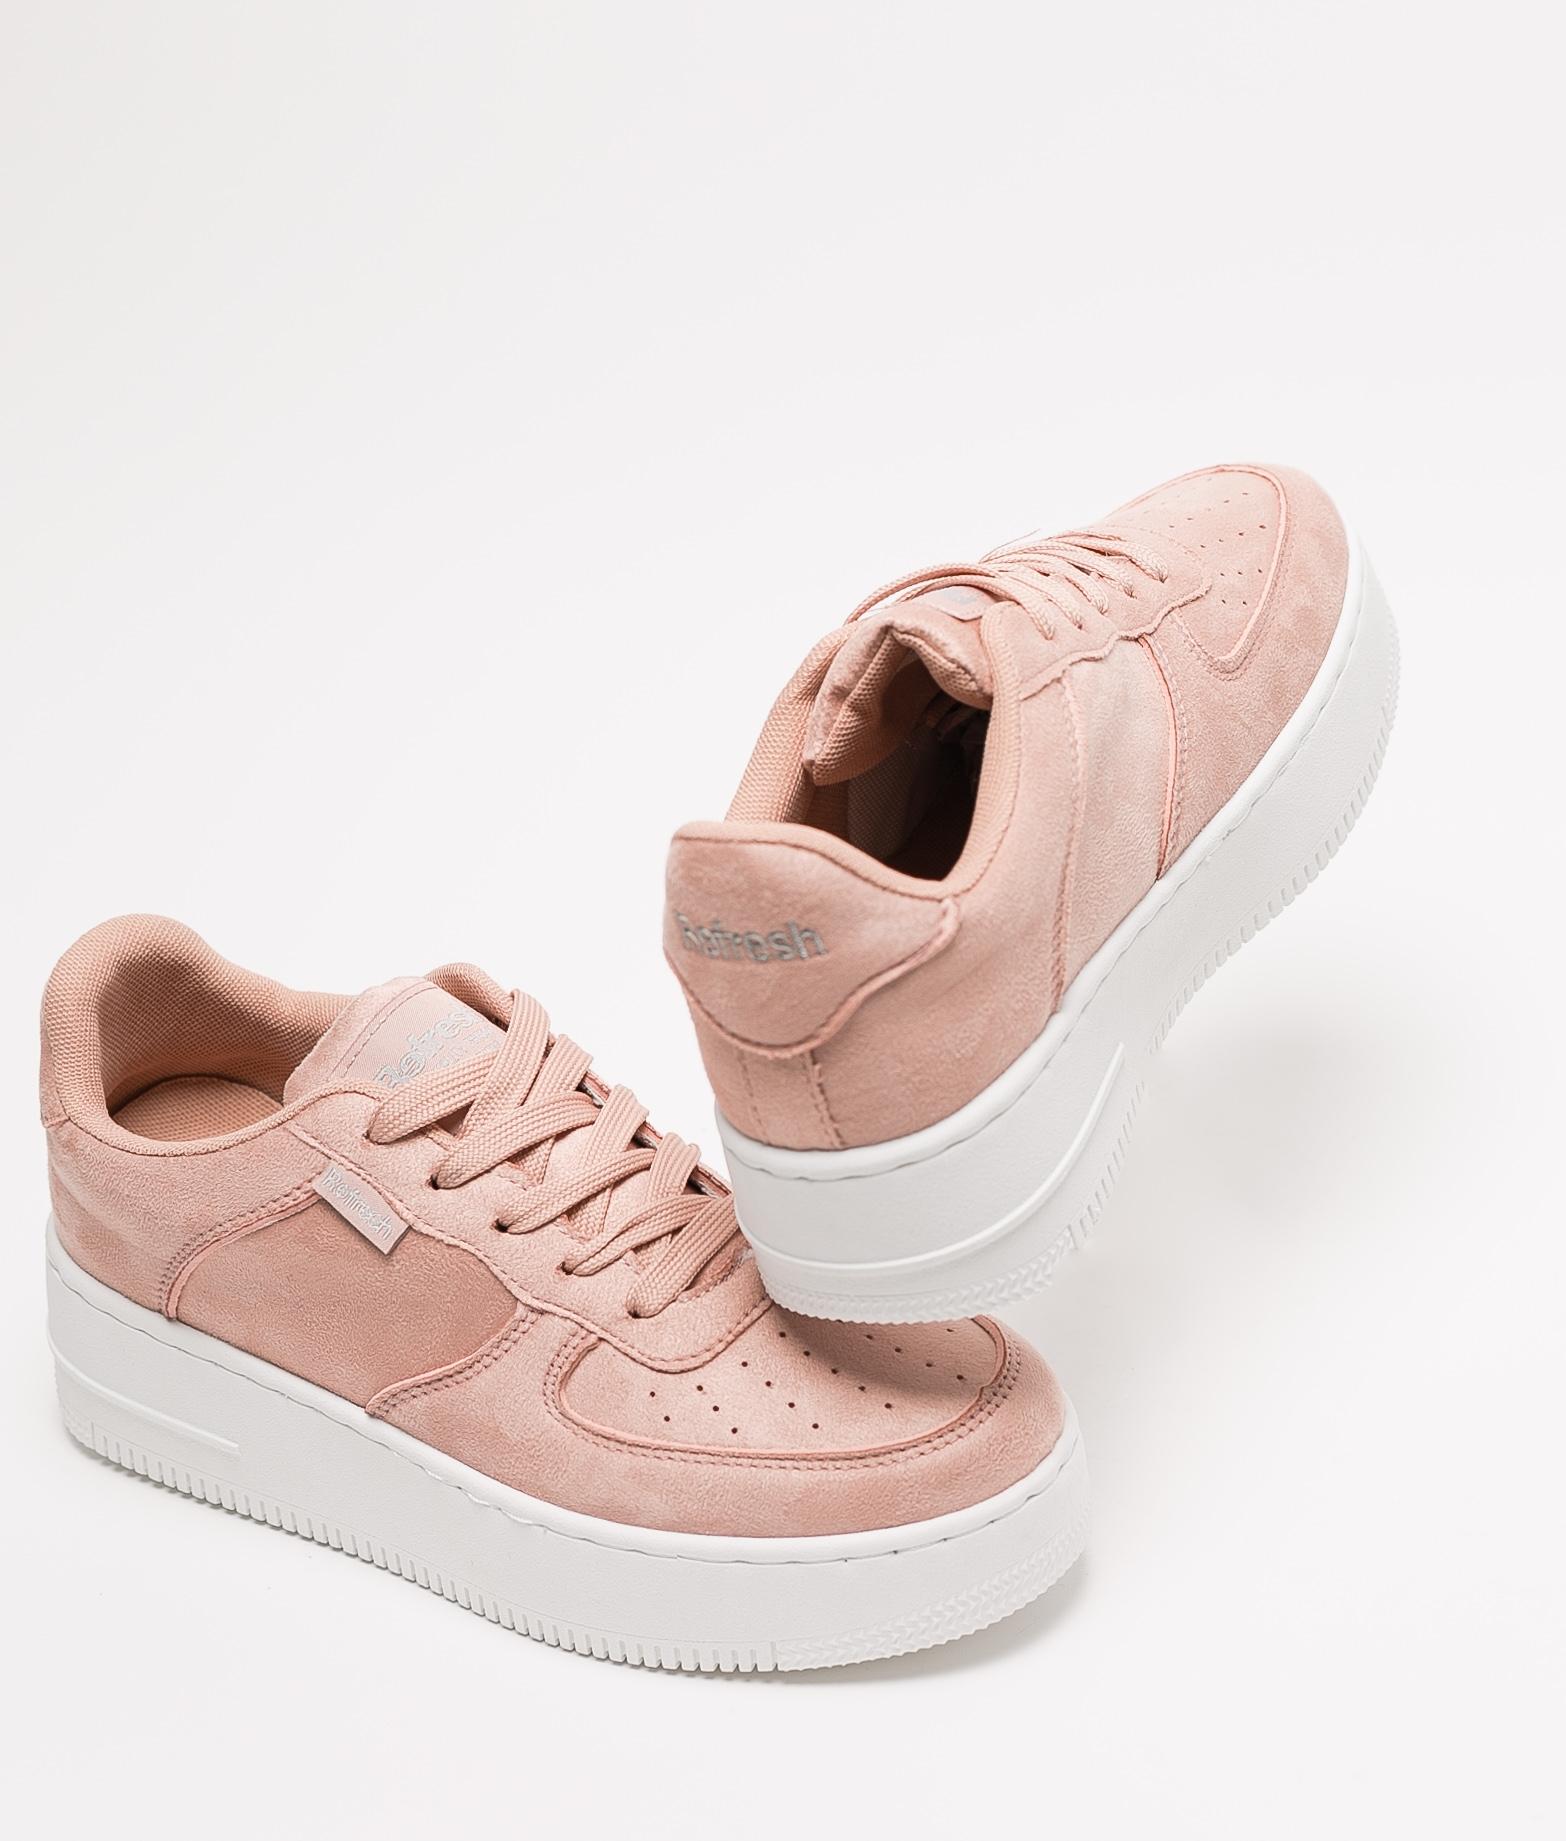 Sneakers Mapu Refresh - Pink